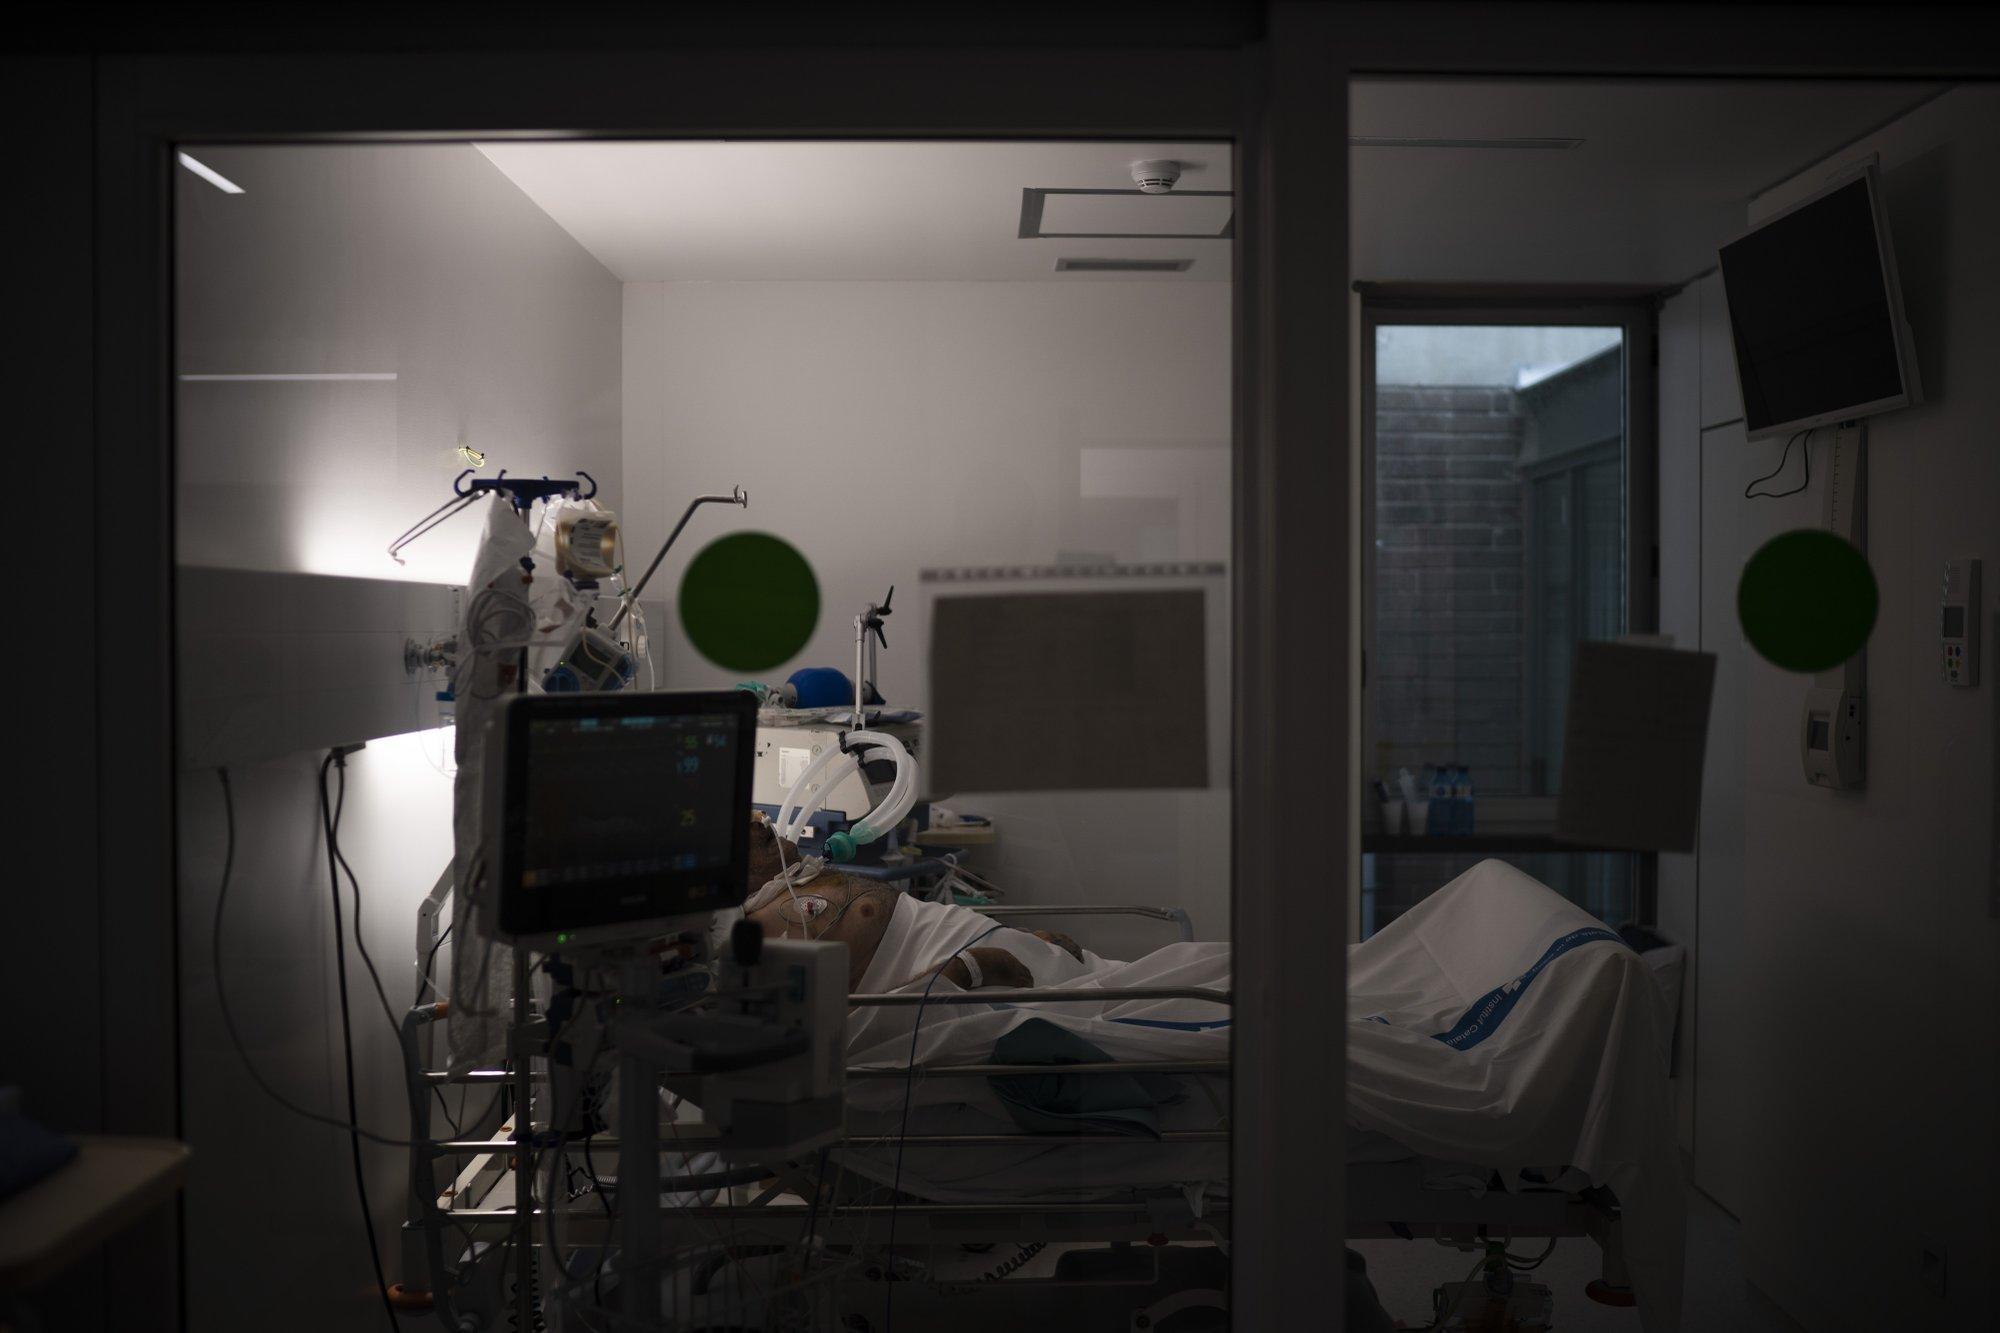 Un paciente con COVID-19 se somete a tratamiento en una de las unidades de cuidados intensivos (UCI) del hospital Germans Trias i Pujol en Badalona, provincia de Barcelona, España (AP Photo/Felipe Dana)